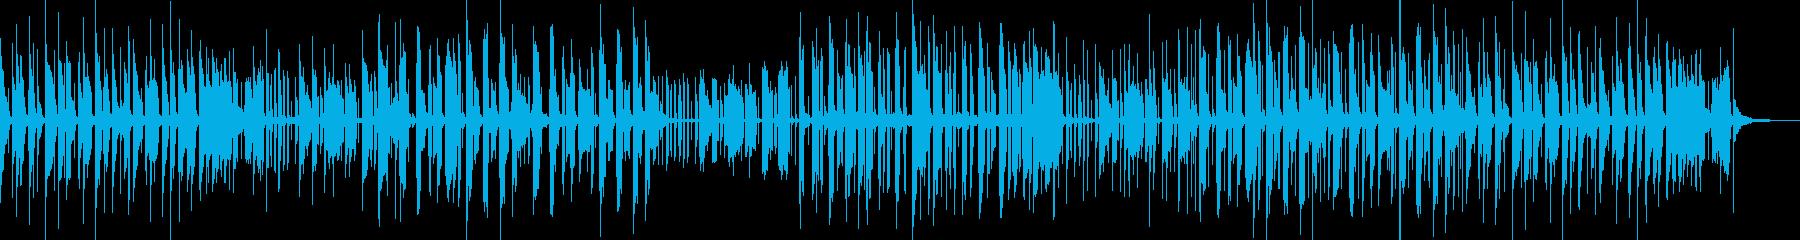 音色が綺麗で独特な世界観あるメロディーの再生済みの波形